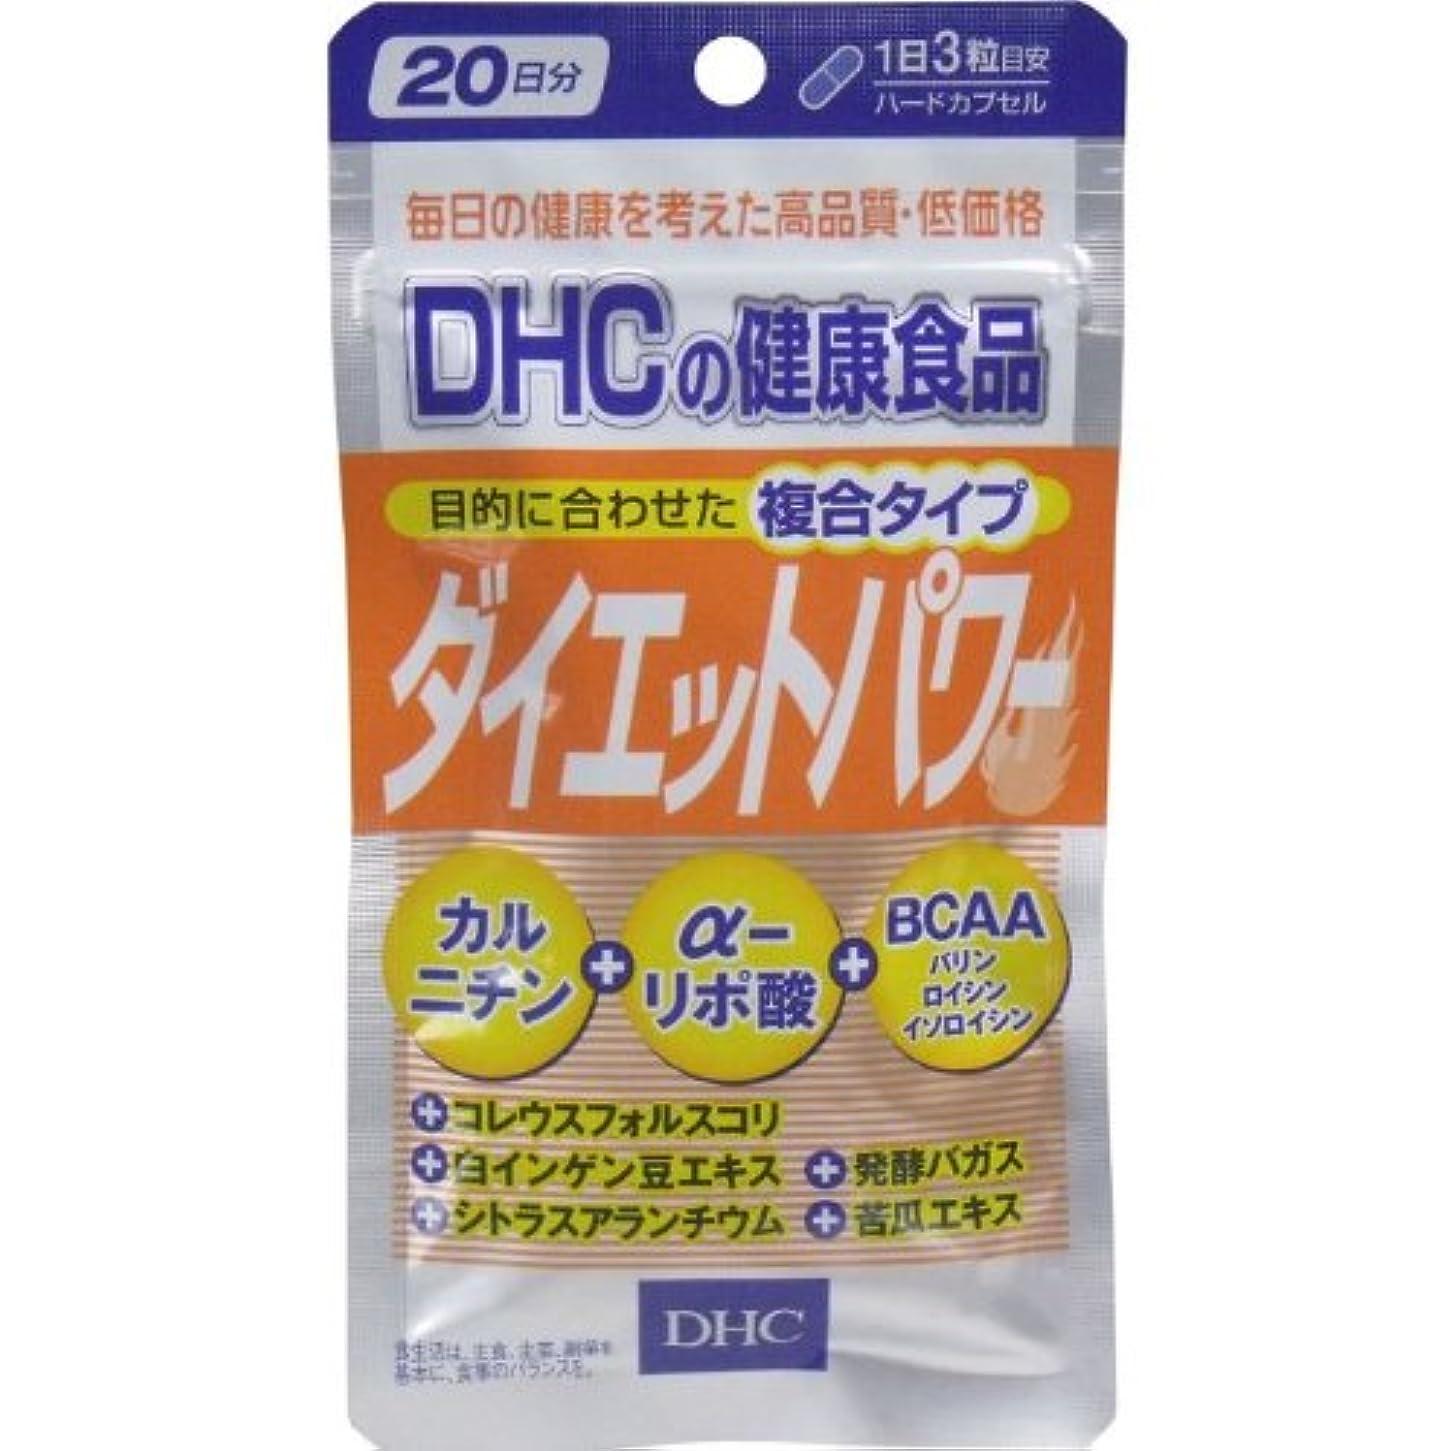 学期プライム吐き出すDHC ダイエットパワー 60粒入 20日分「2点セット」